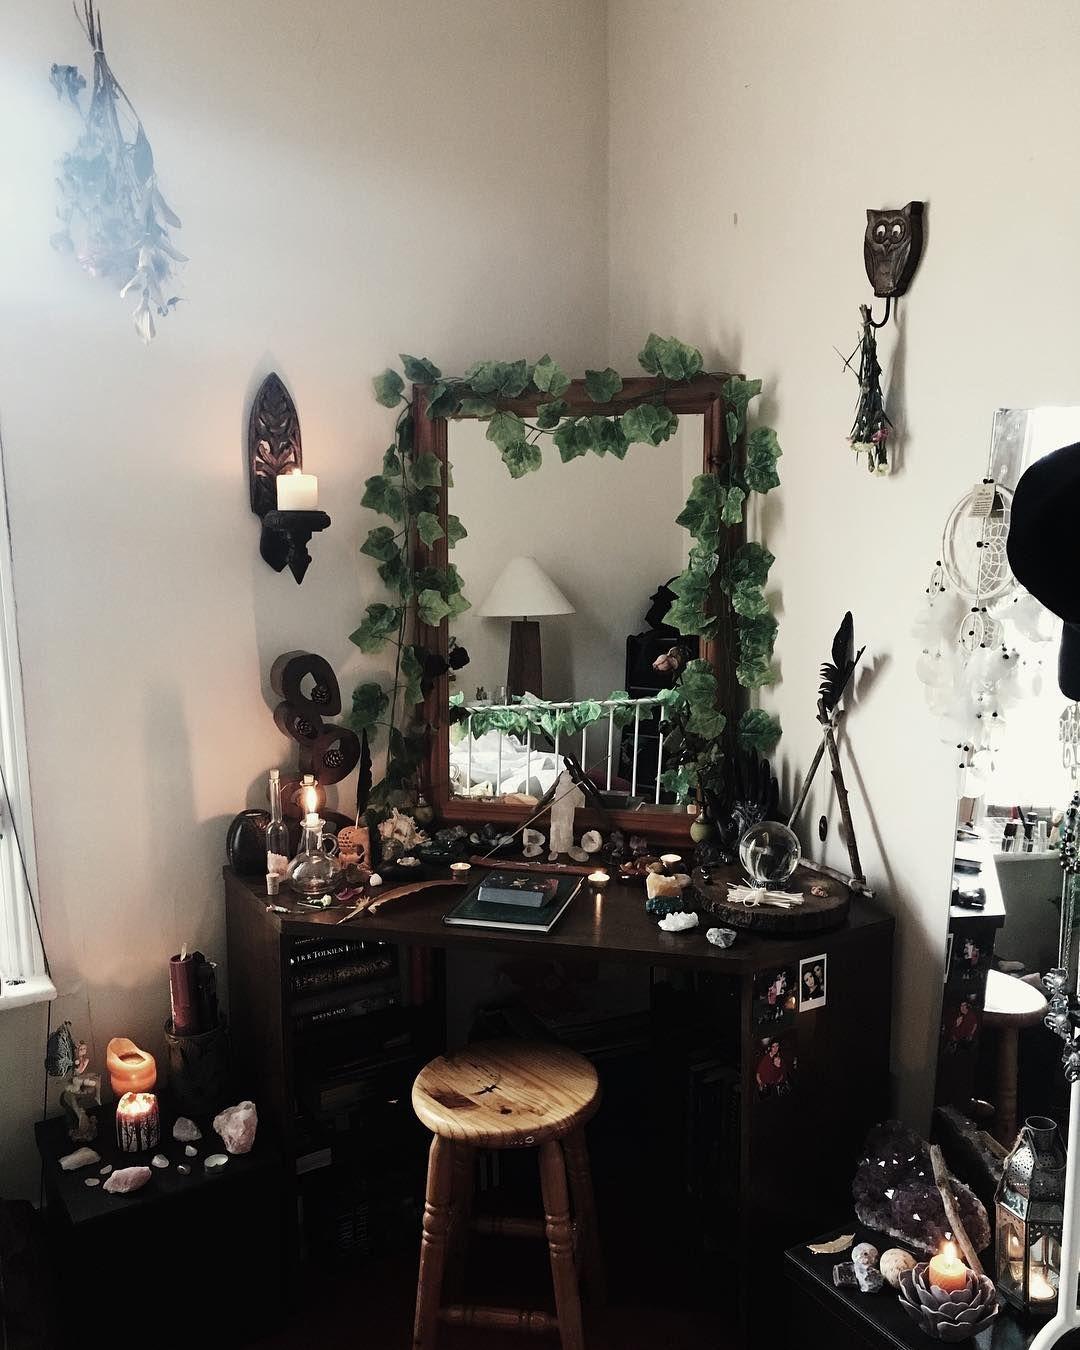 Wiccan Themed Bedroom | Psoriasisguru.com